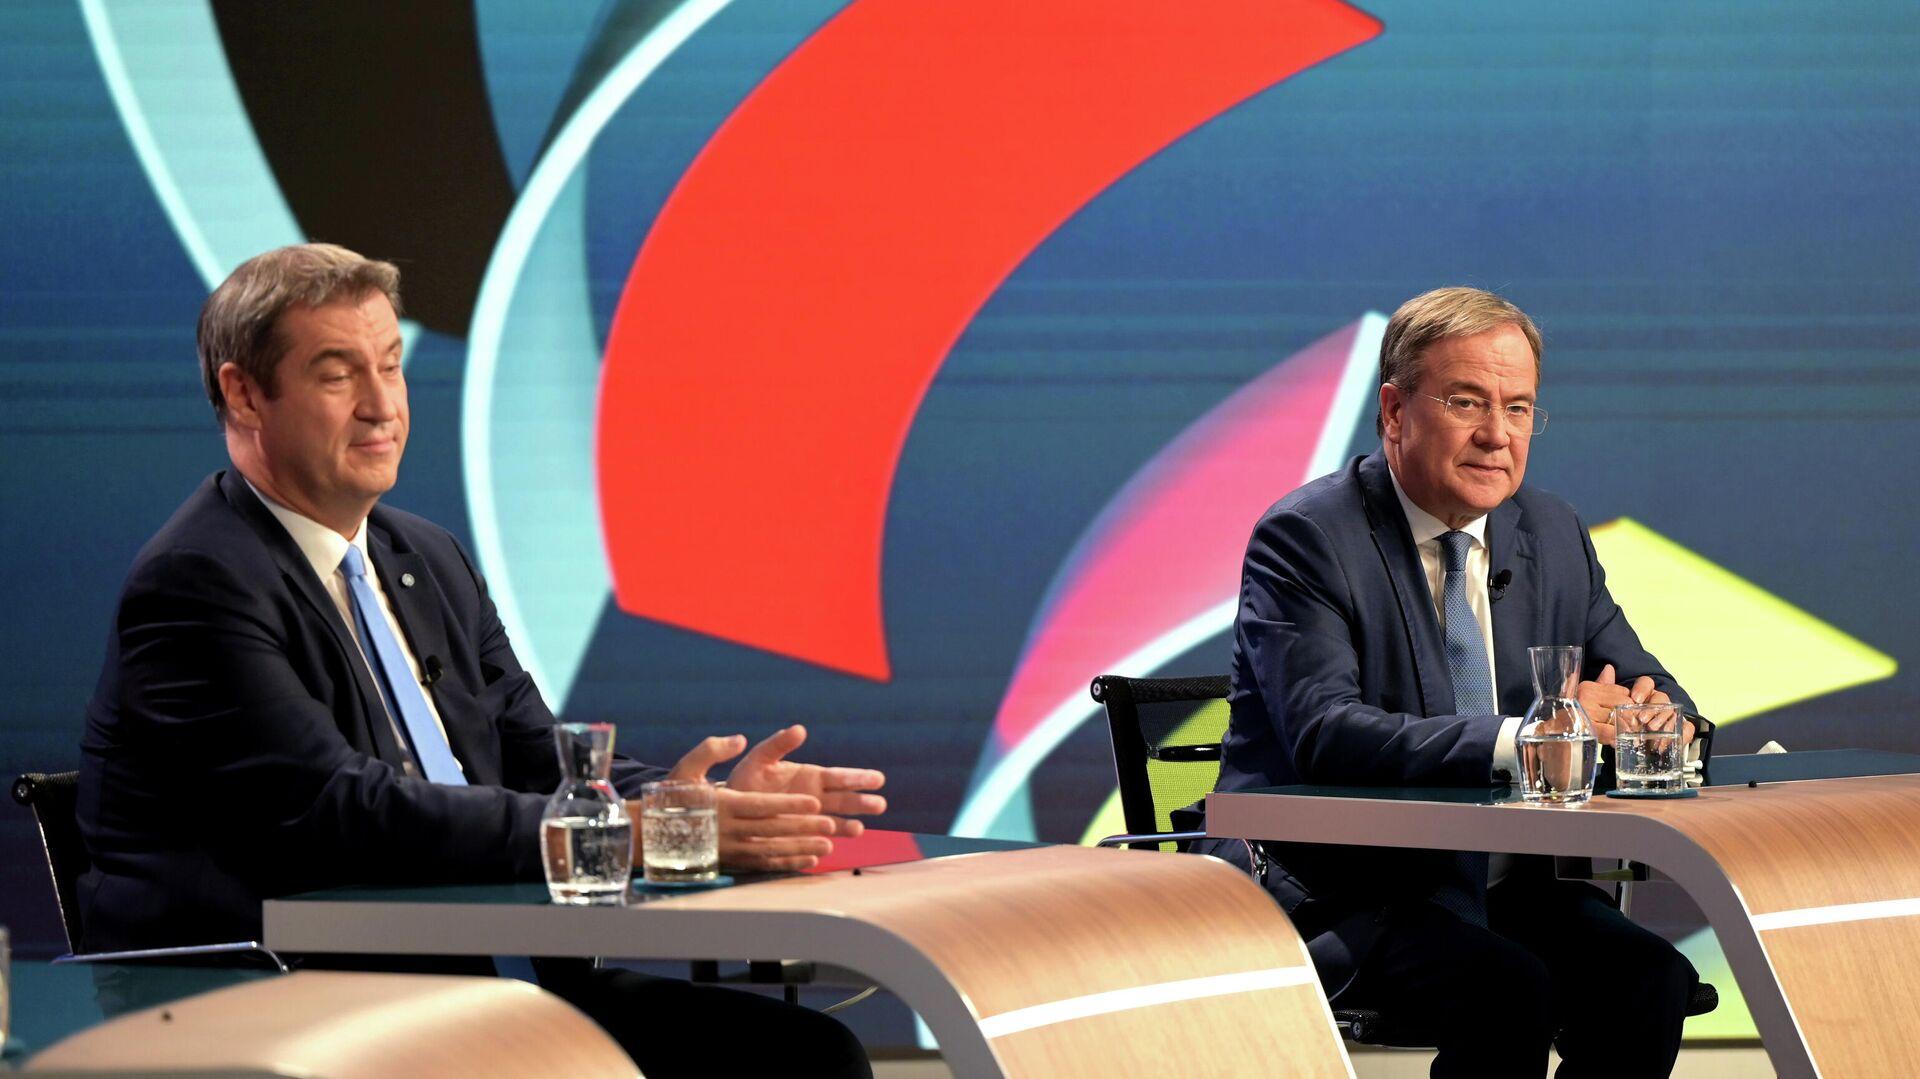 CSU-Vorsitzender Markus Söder und CDU-Chef Armin Laschet im TV-Talk am 26. September 2021 - SNA, 1920, 27.09.2021